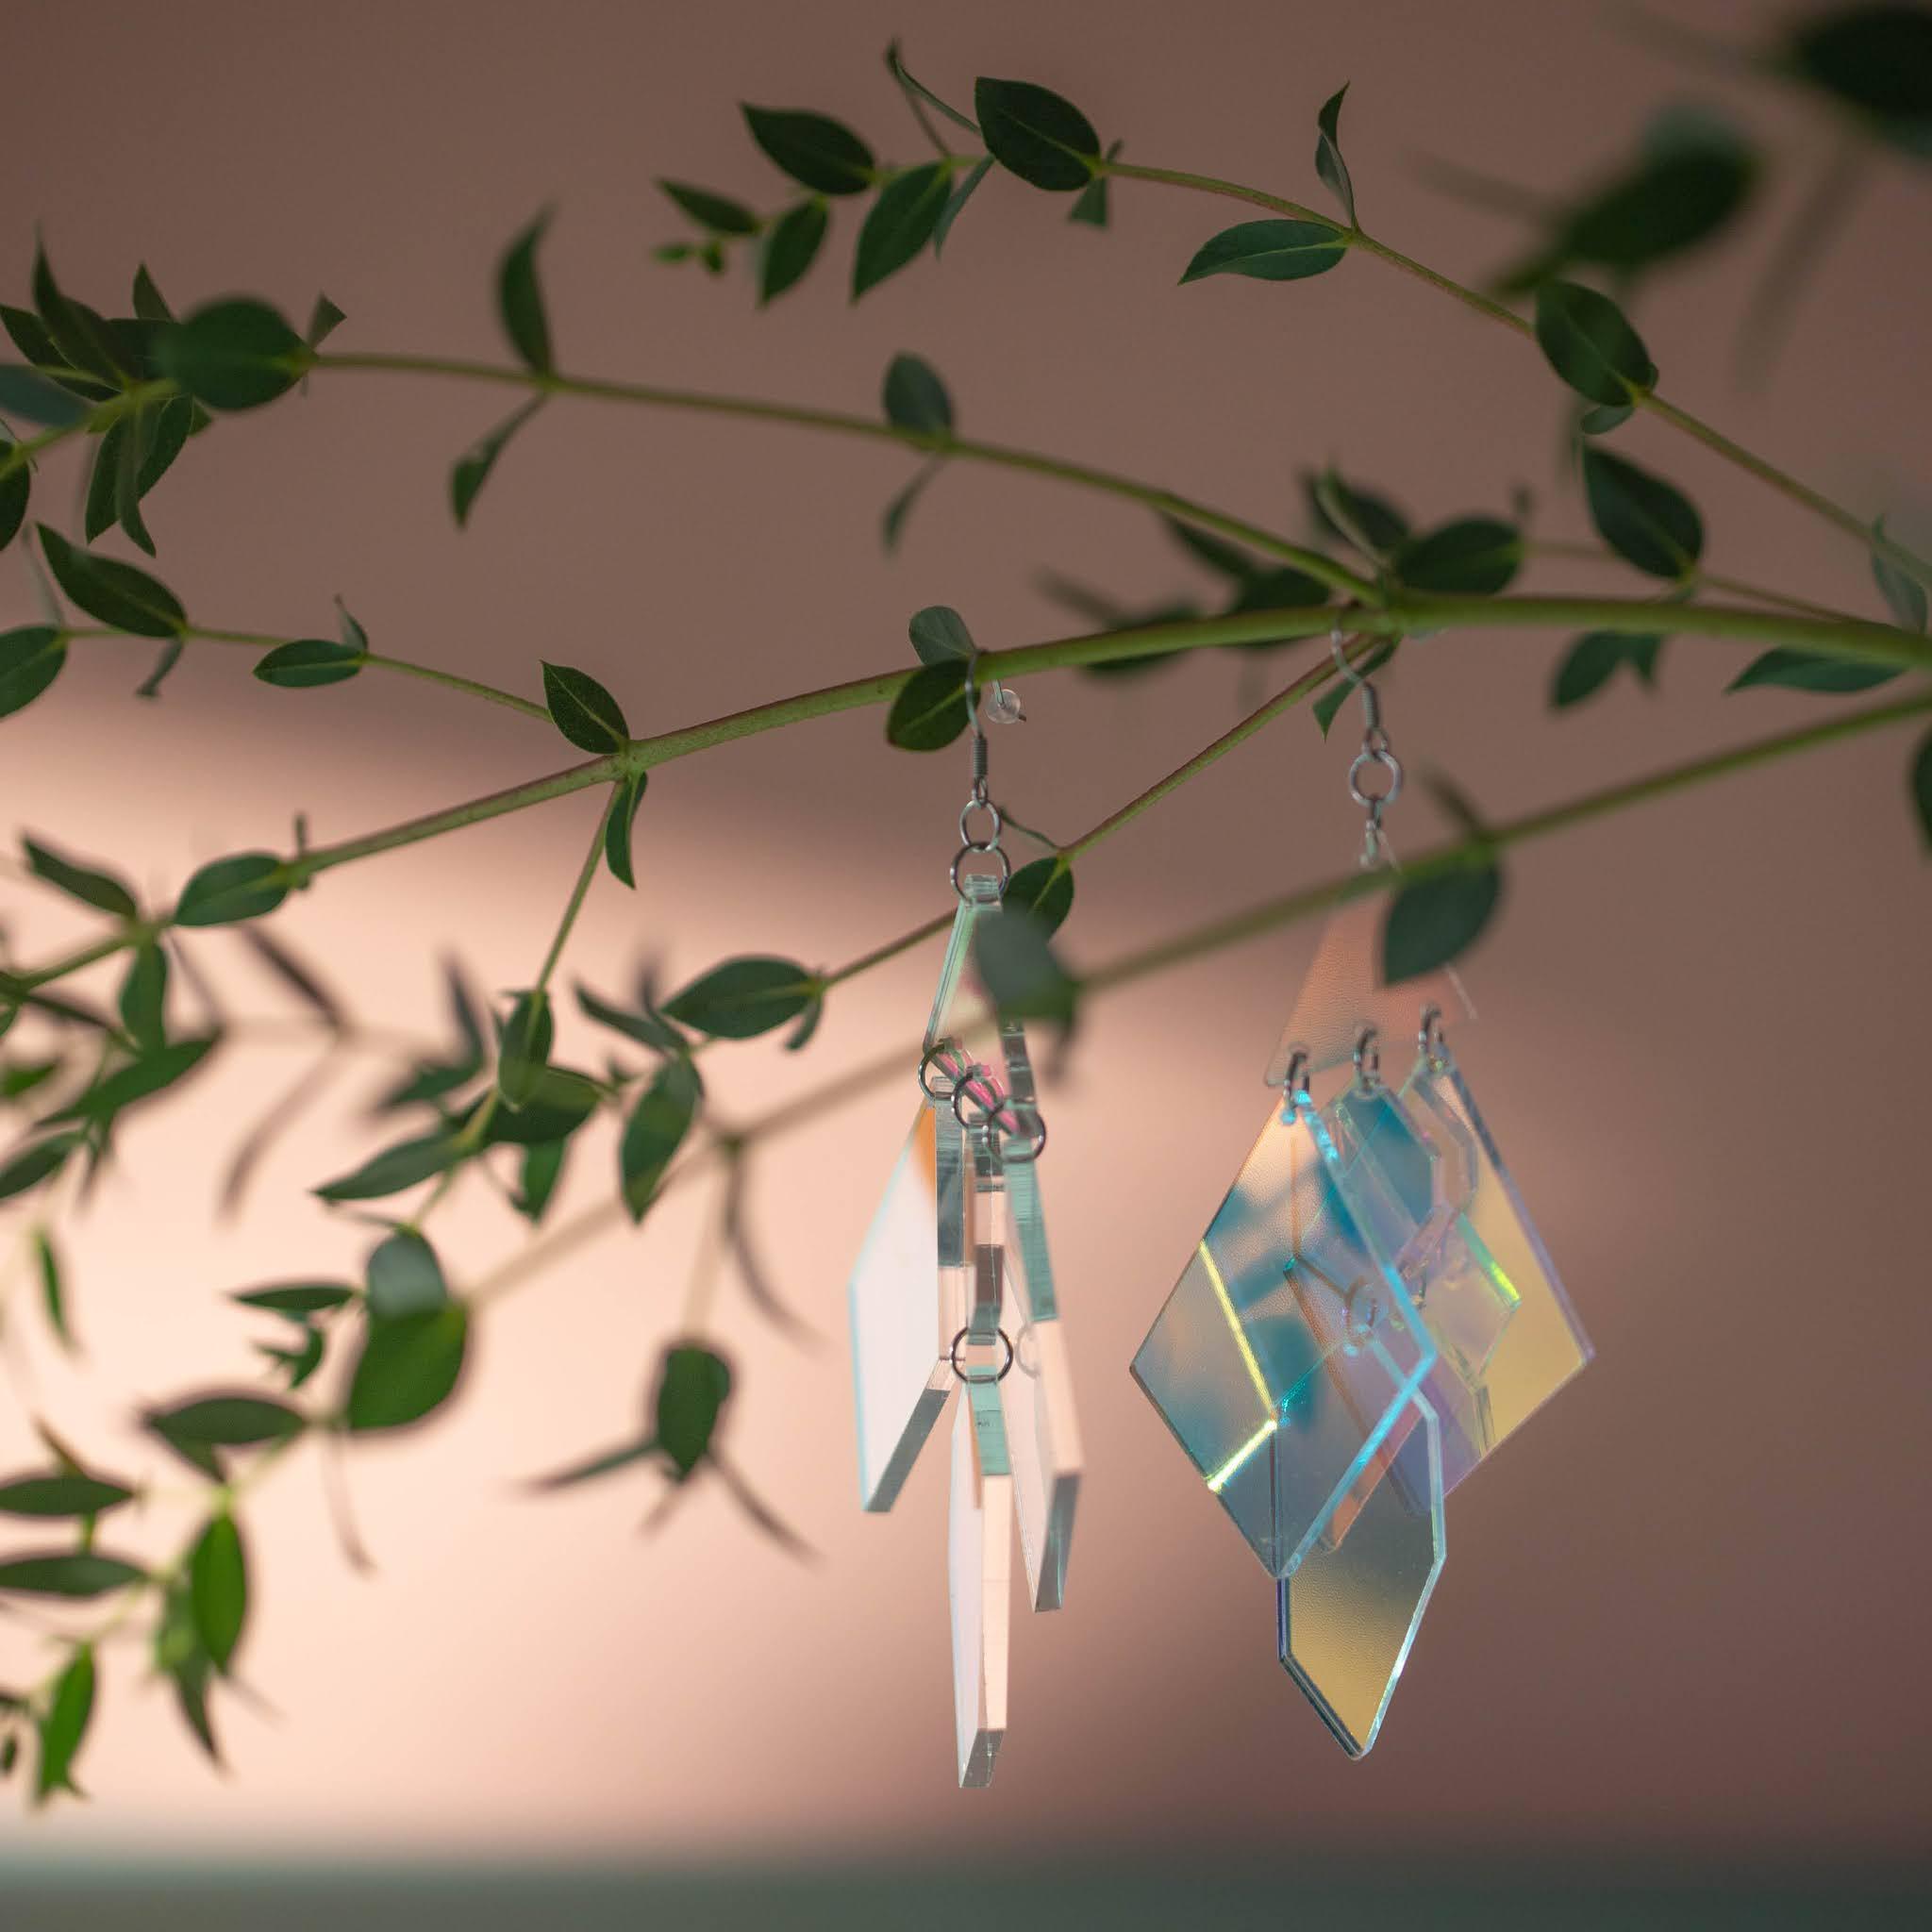 Muoviset, hologrammin lailla heijastelevat korvakorut roikkuvat pieni lehtisen eucalyptuksen oksalla.